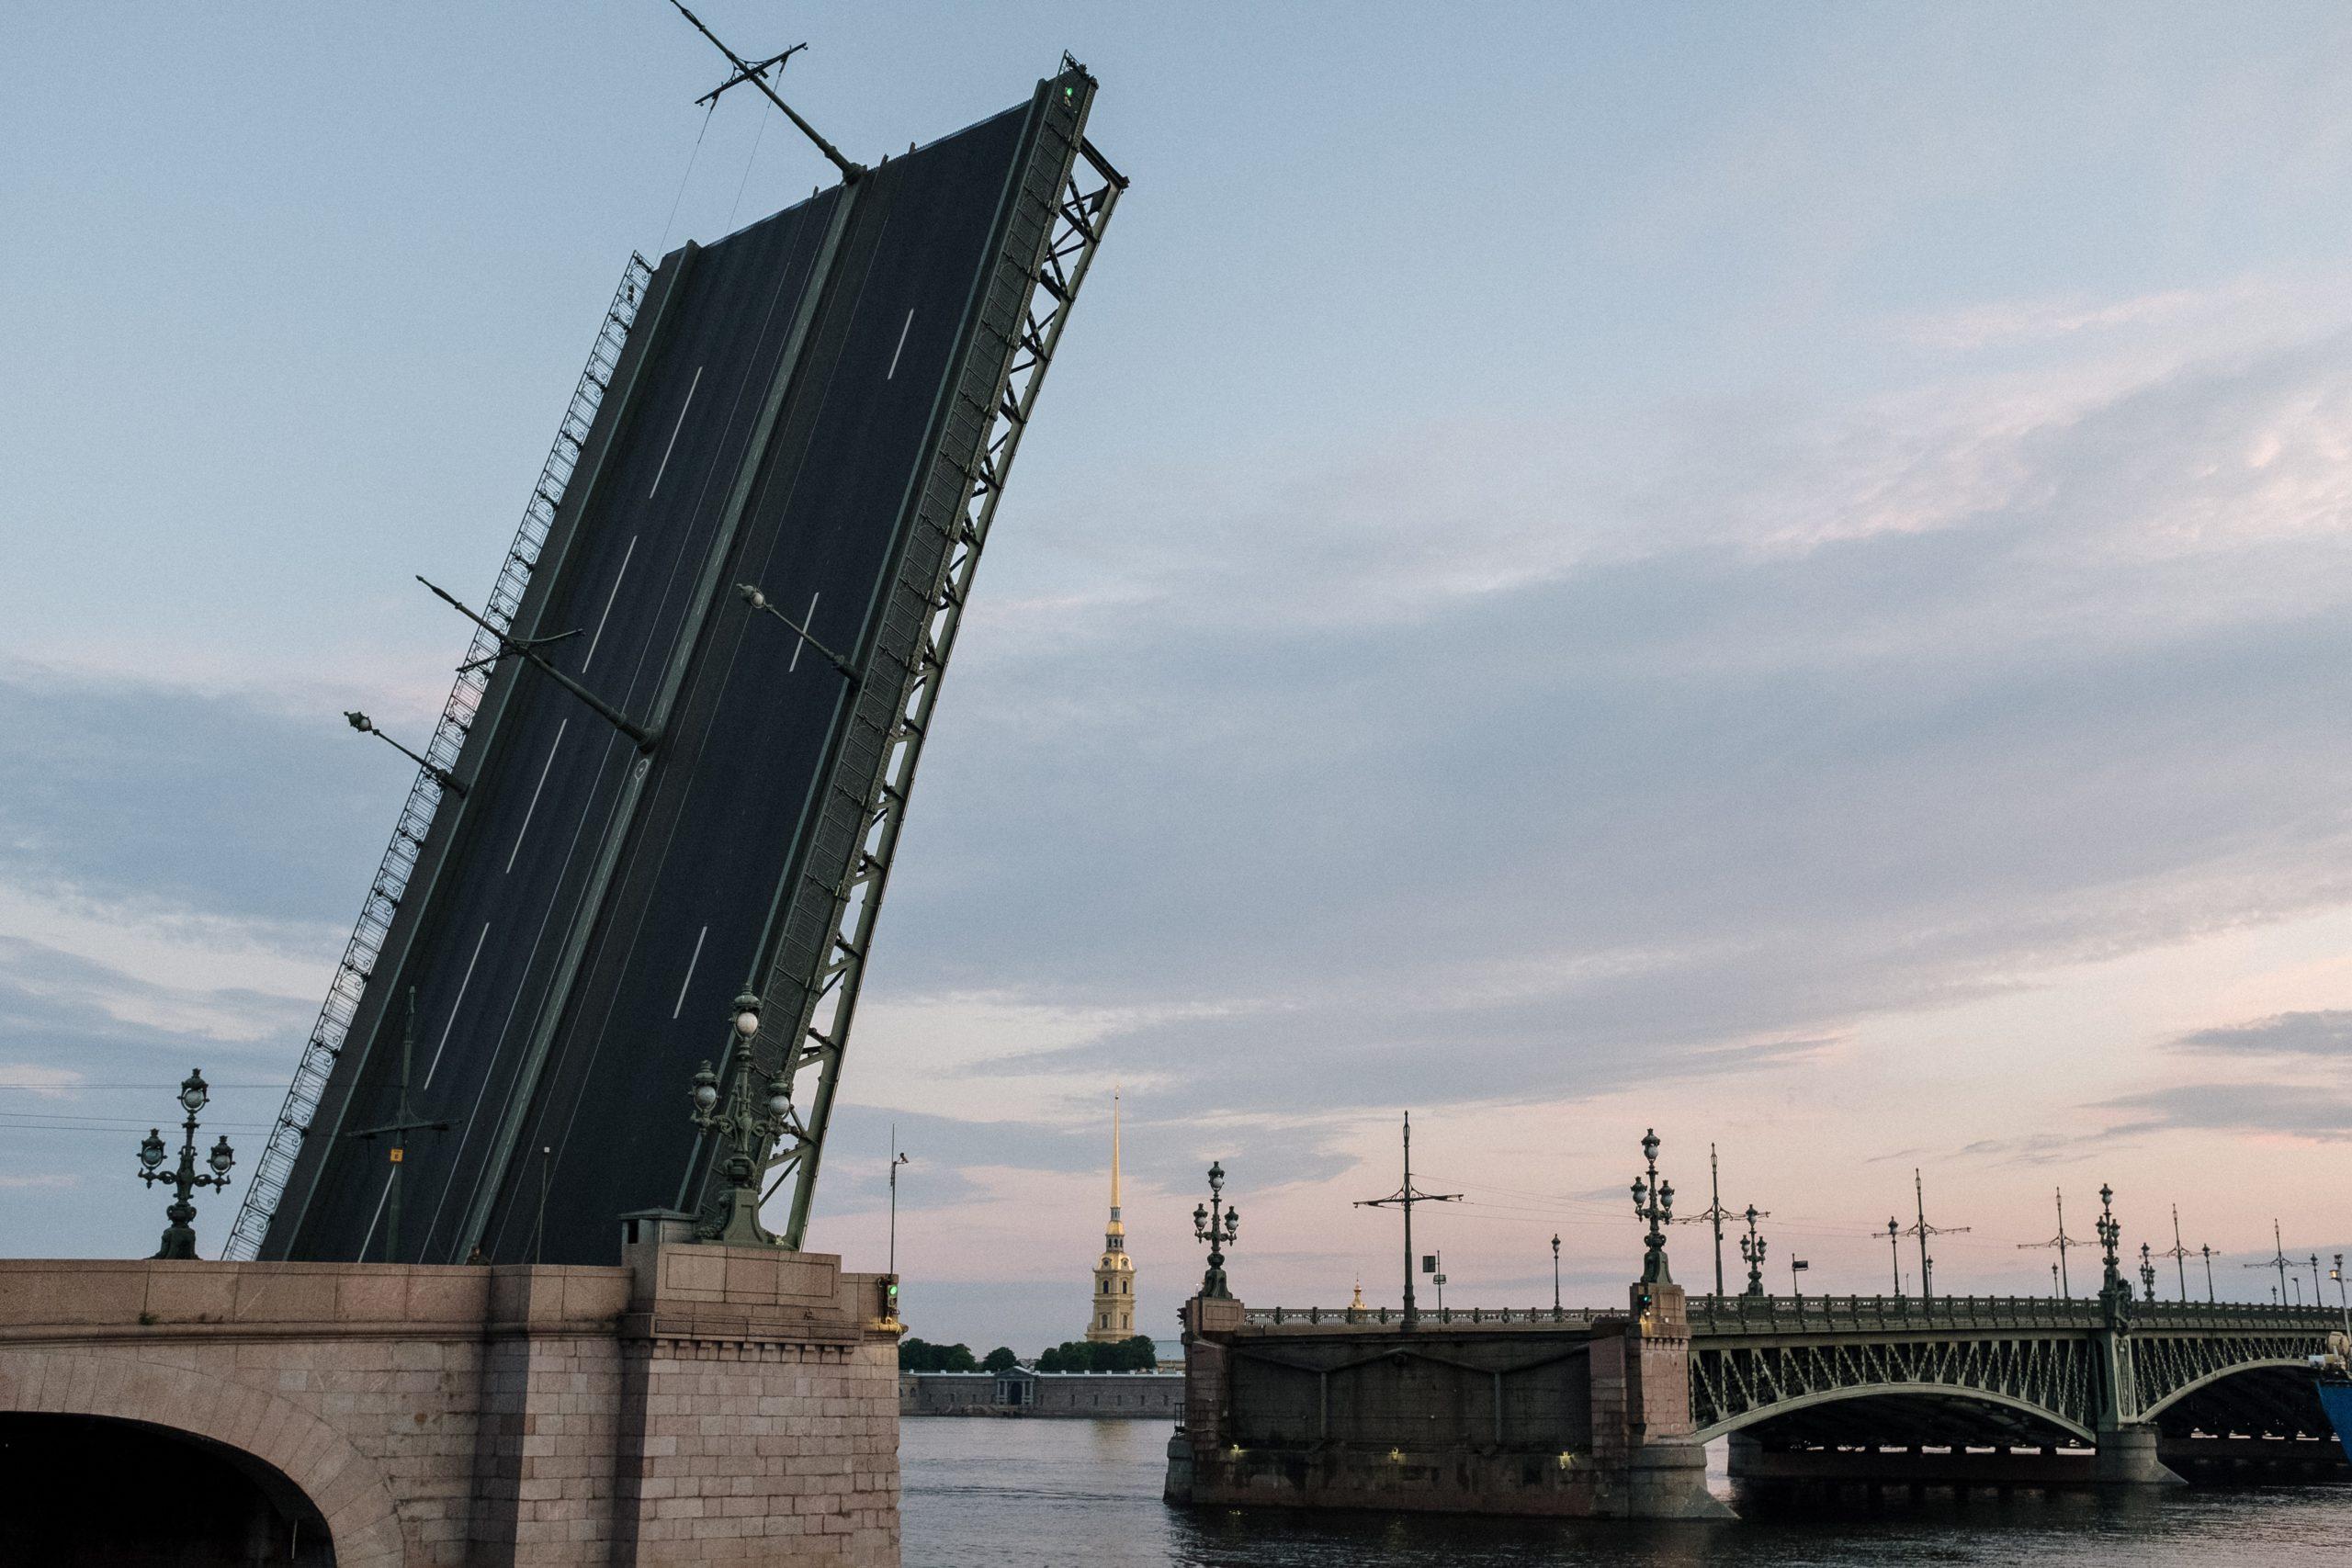 Zugbrücken